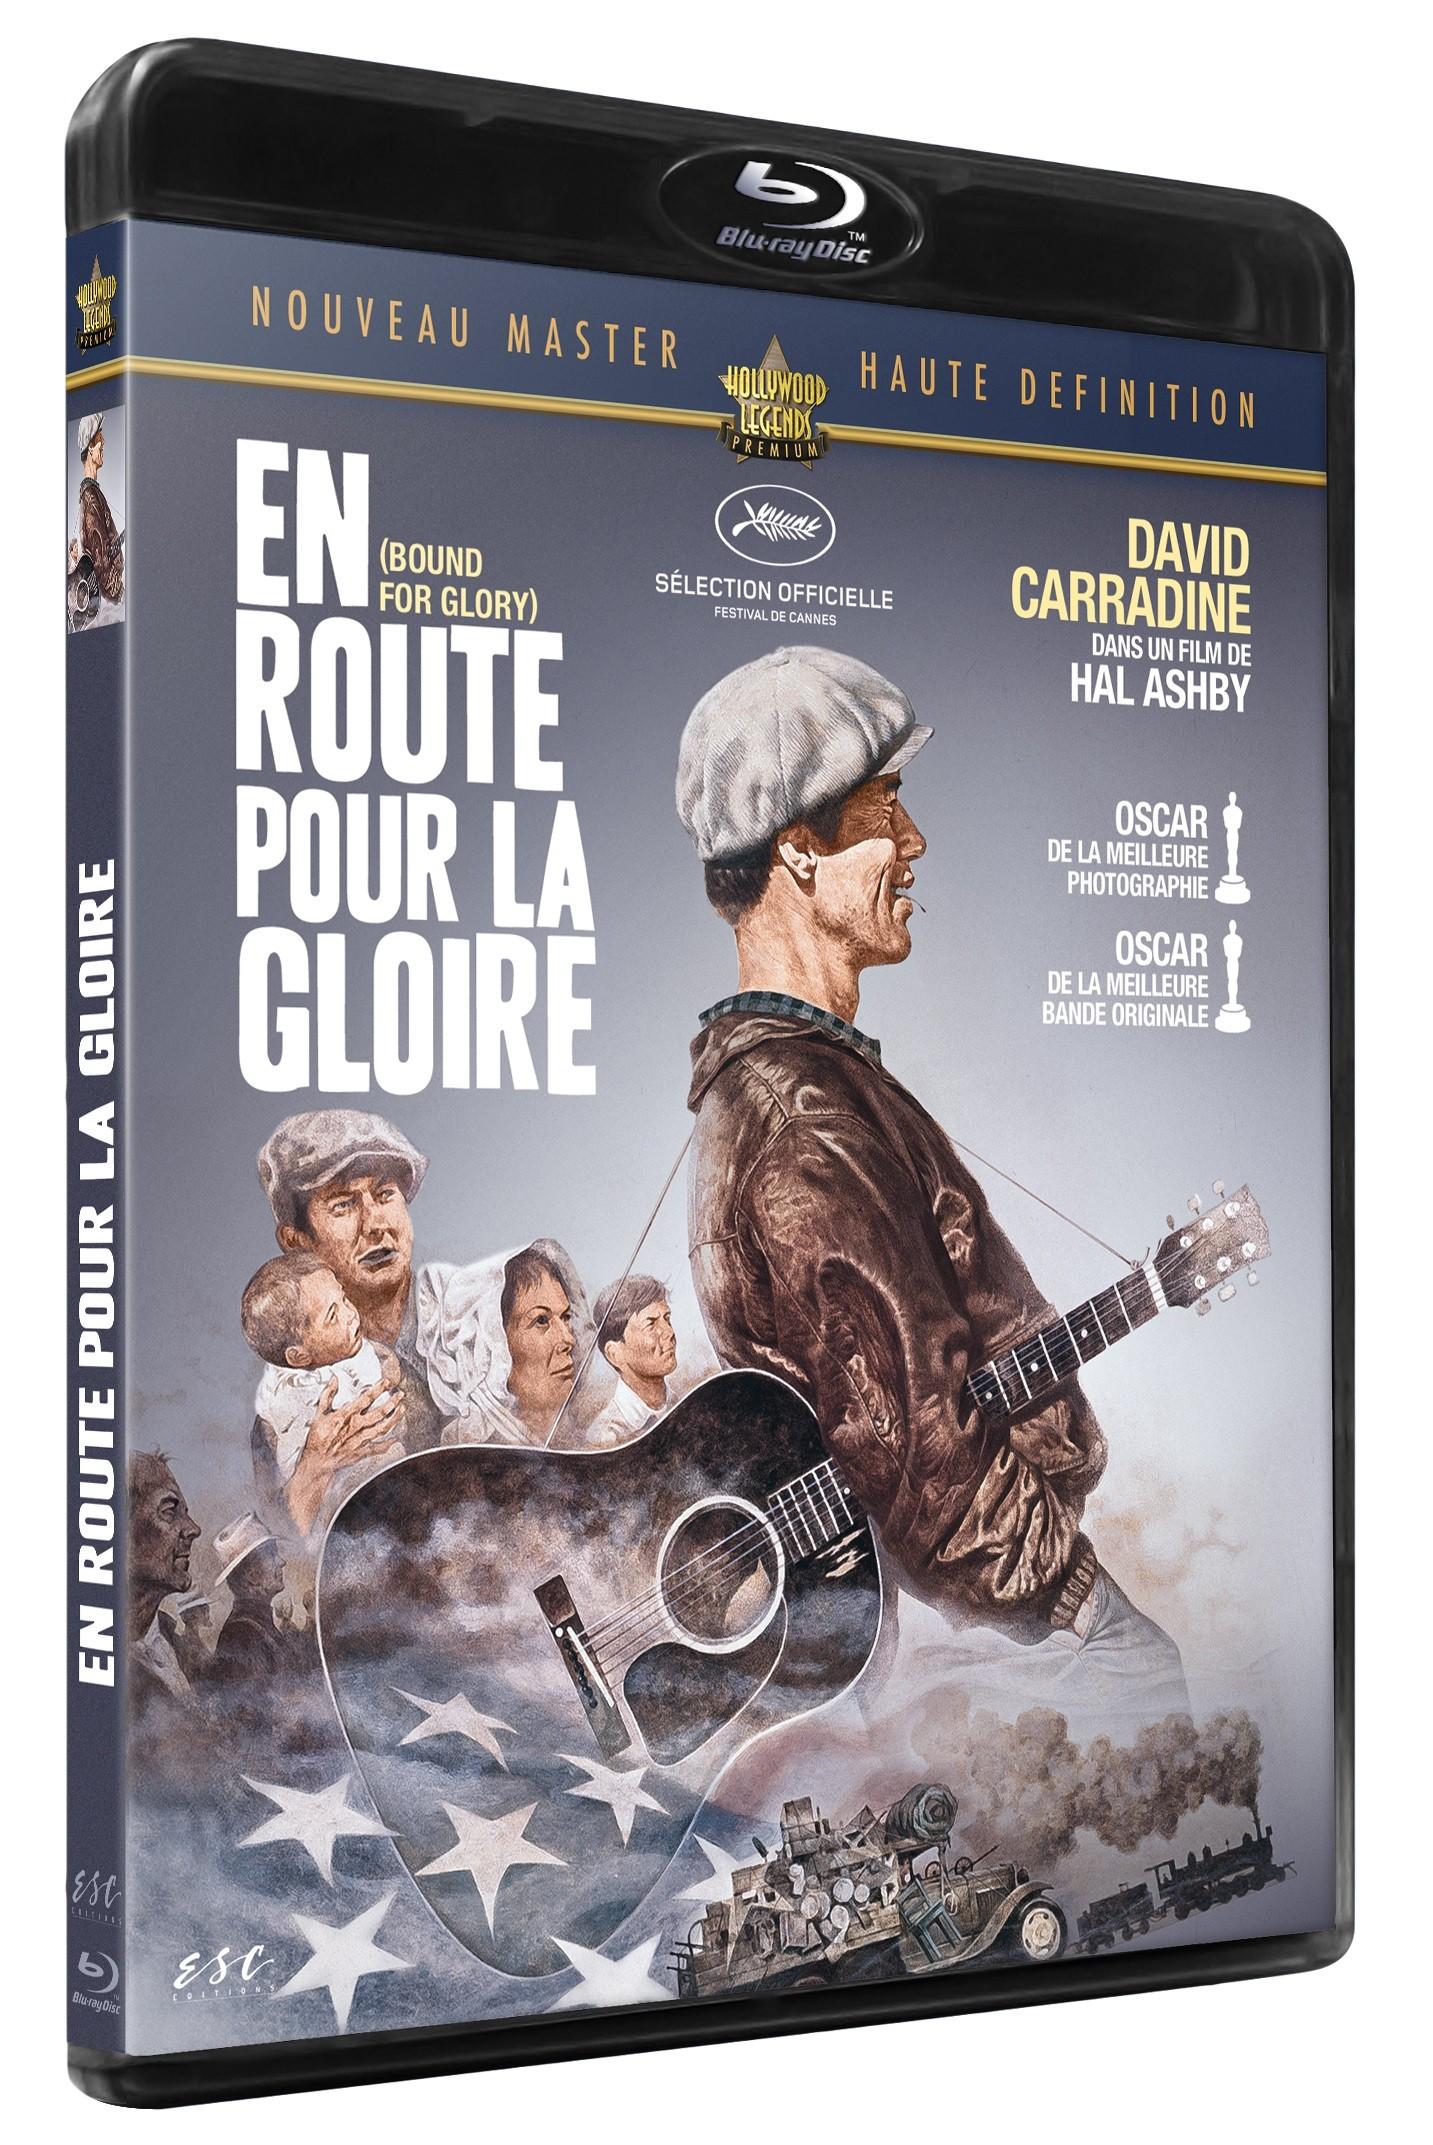 EN ROUTE POUR LA GLOIRE - BOUND FOR GLORY